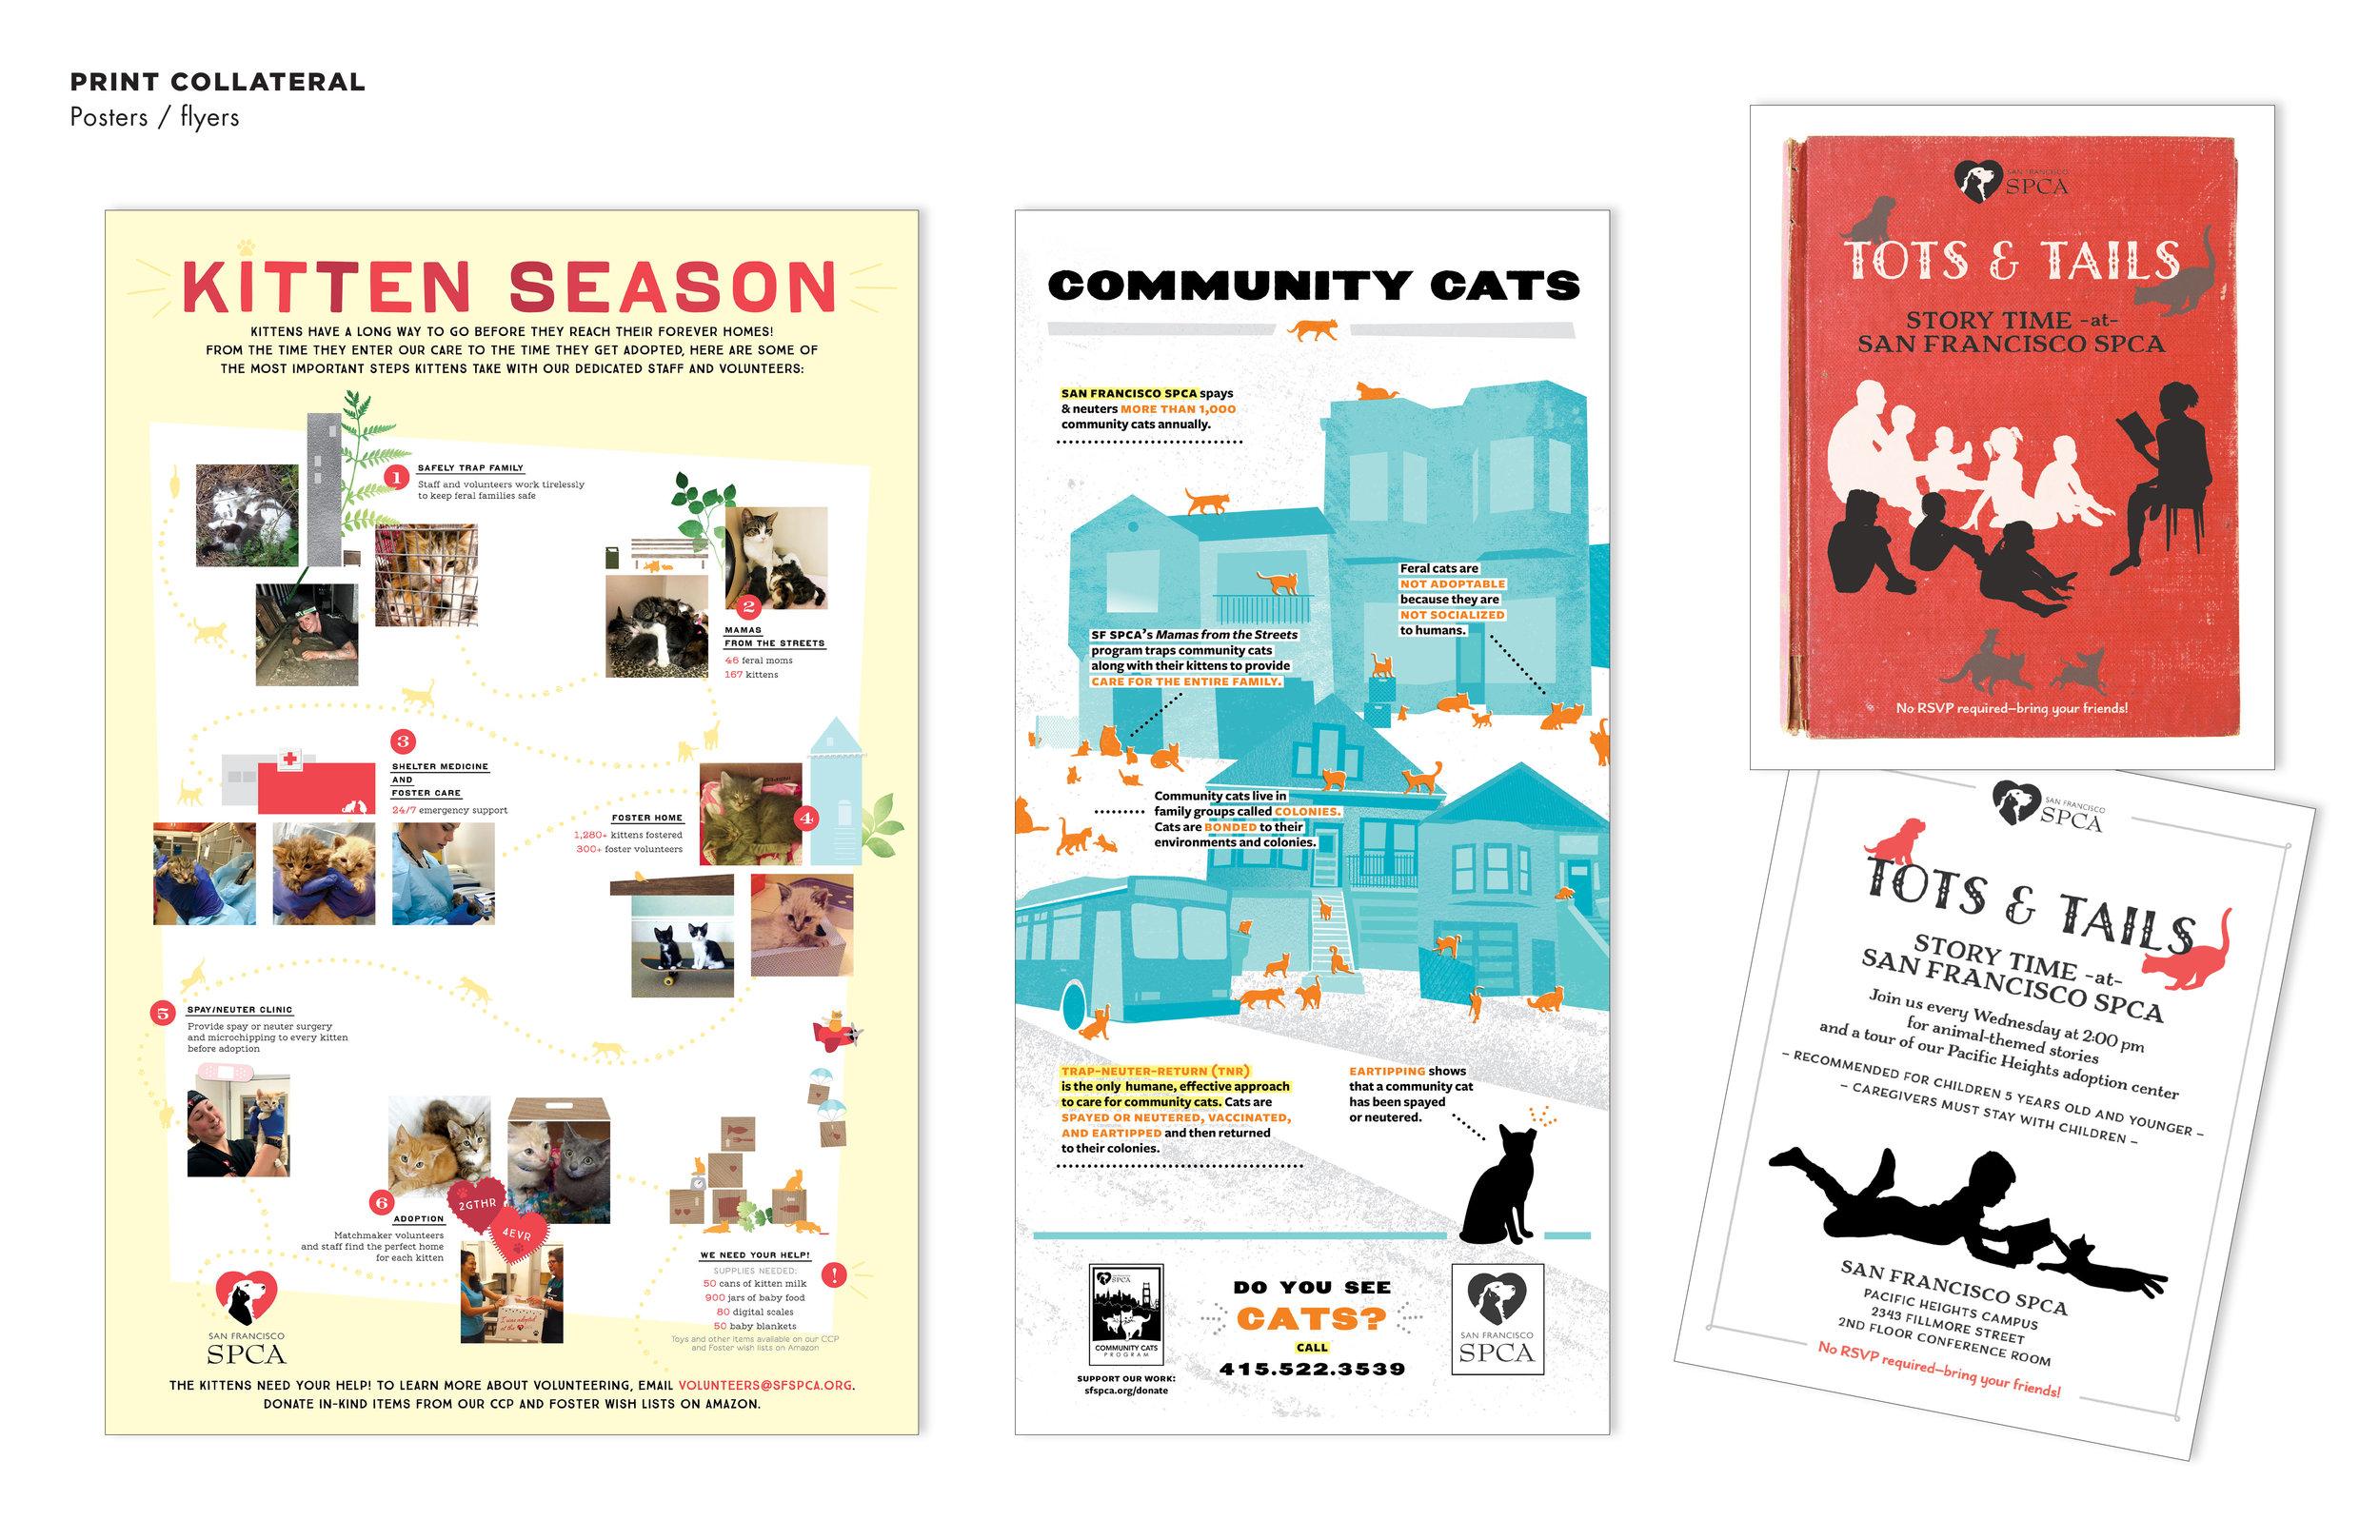 SPCA_posters.jpg